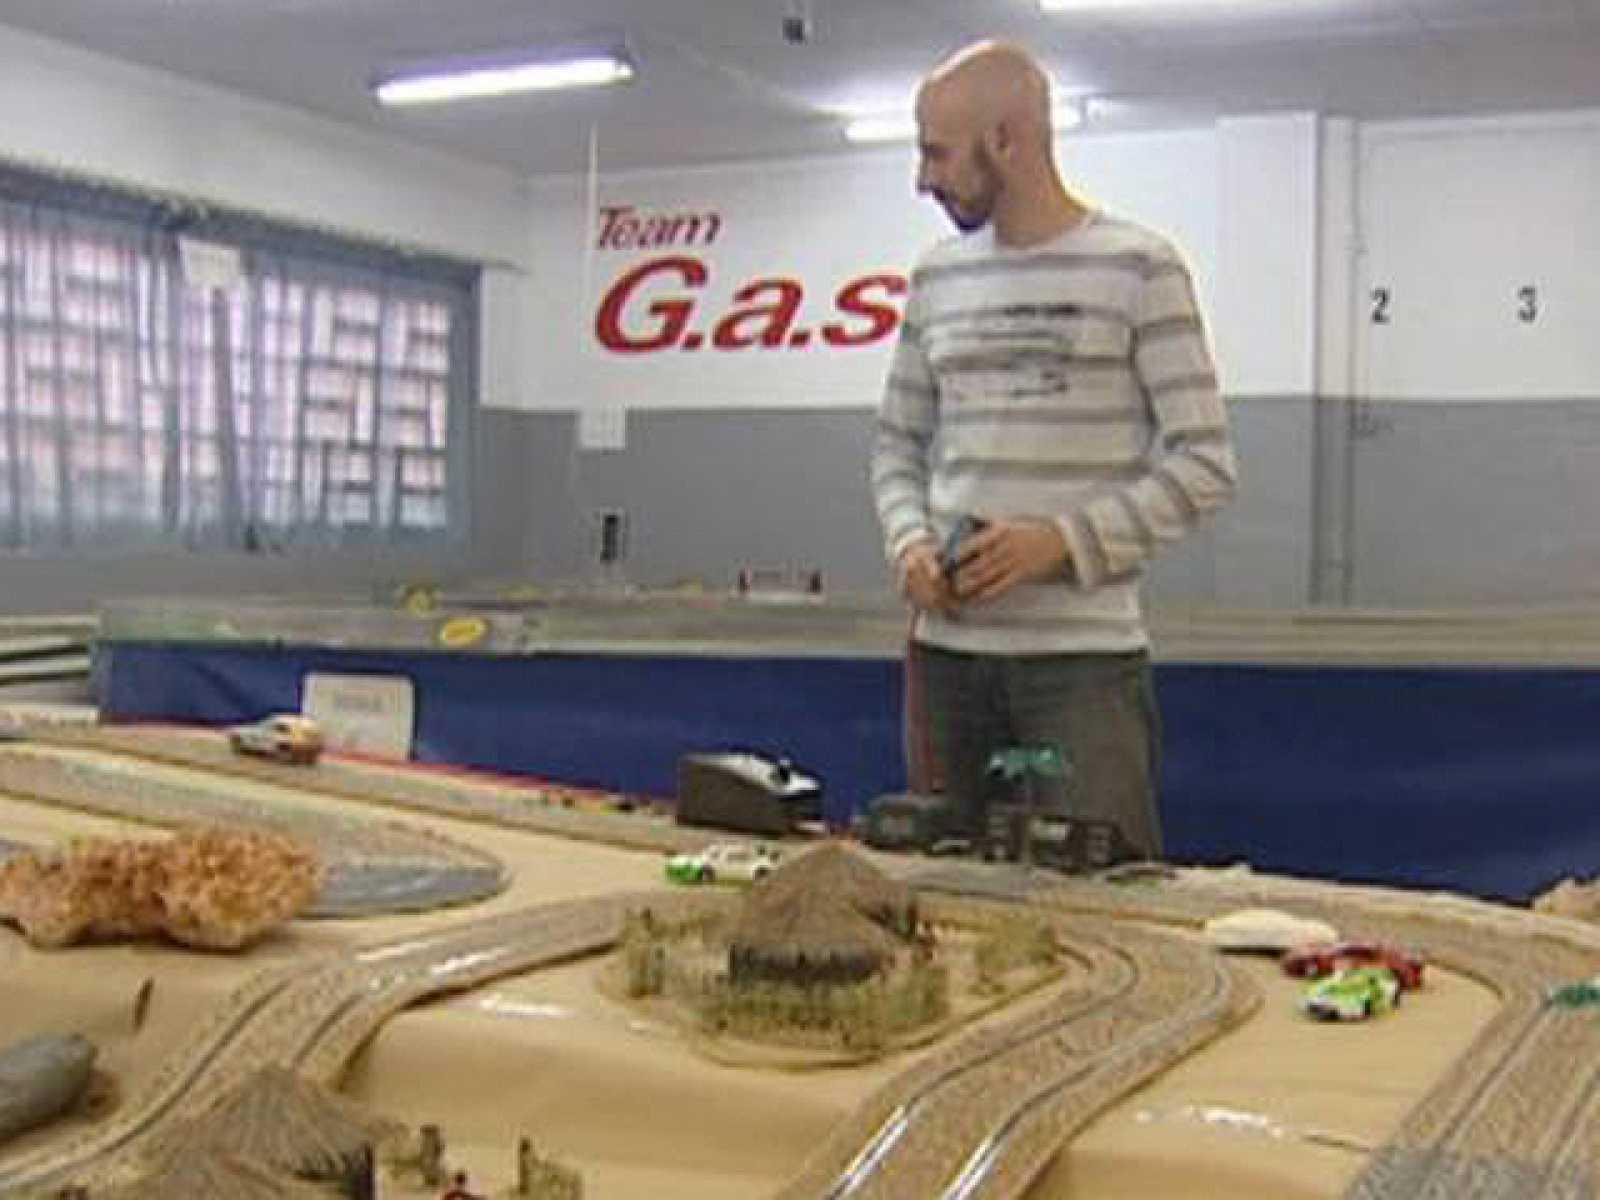 Miquel Gobianas es un profesional del Slot, o lo que comúnmente llamamos scalextric. Gobianas ha ganado campeonatos nacionales e internacionales y es toda una estrella al mando de los clásicos coches en miniatura.